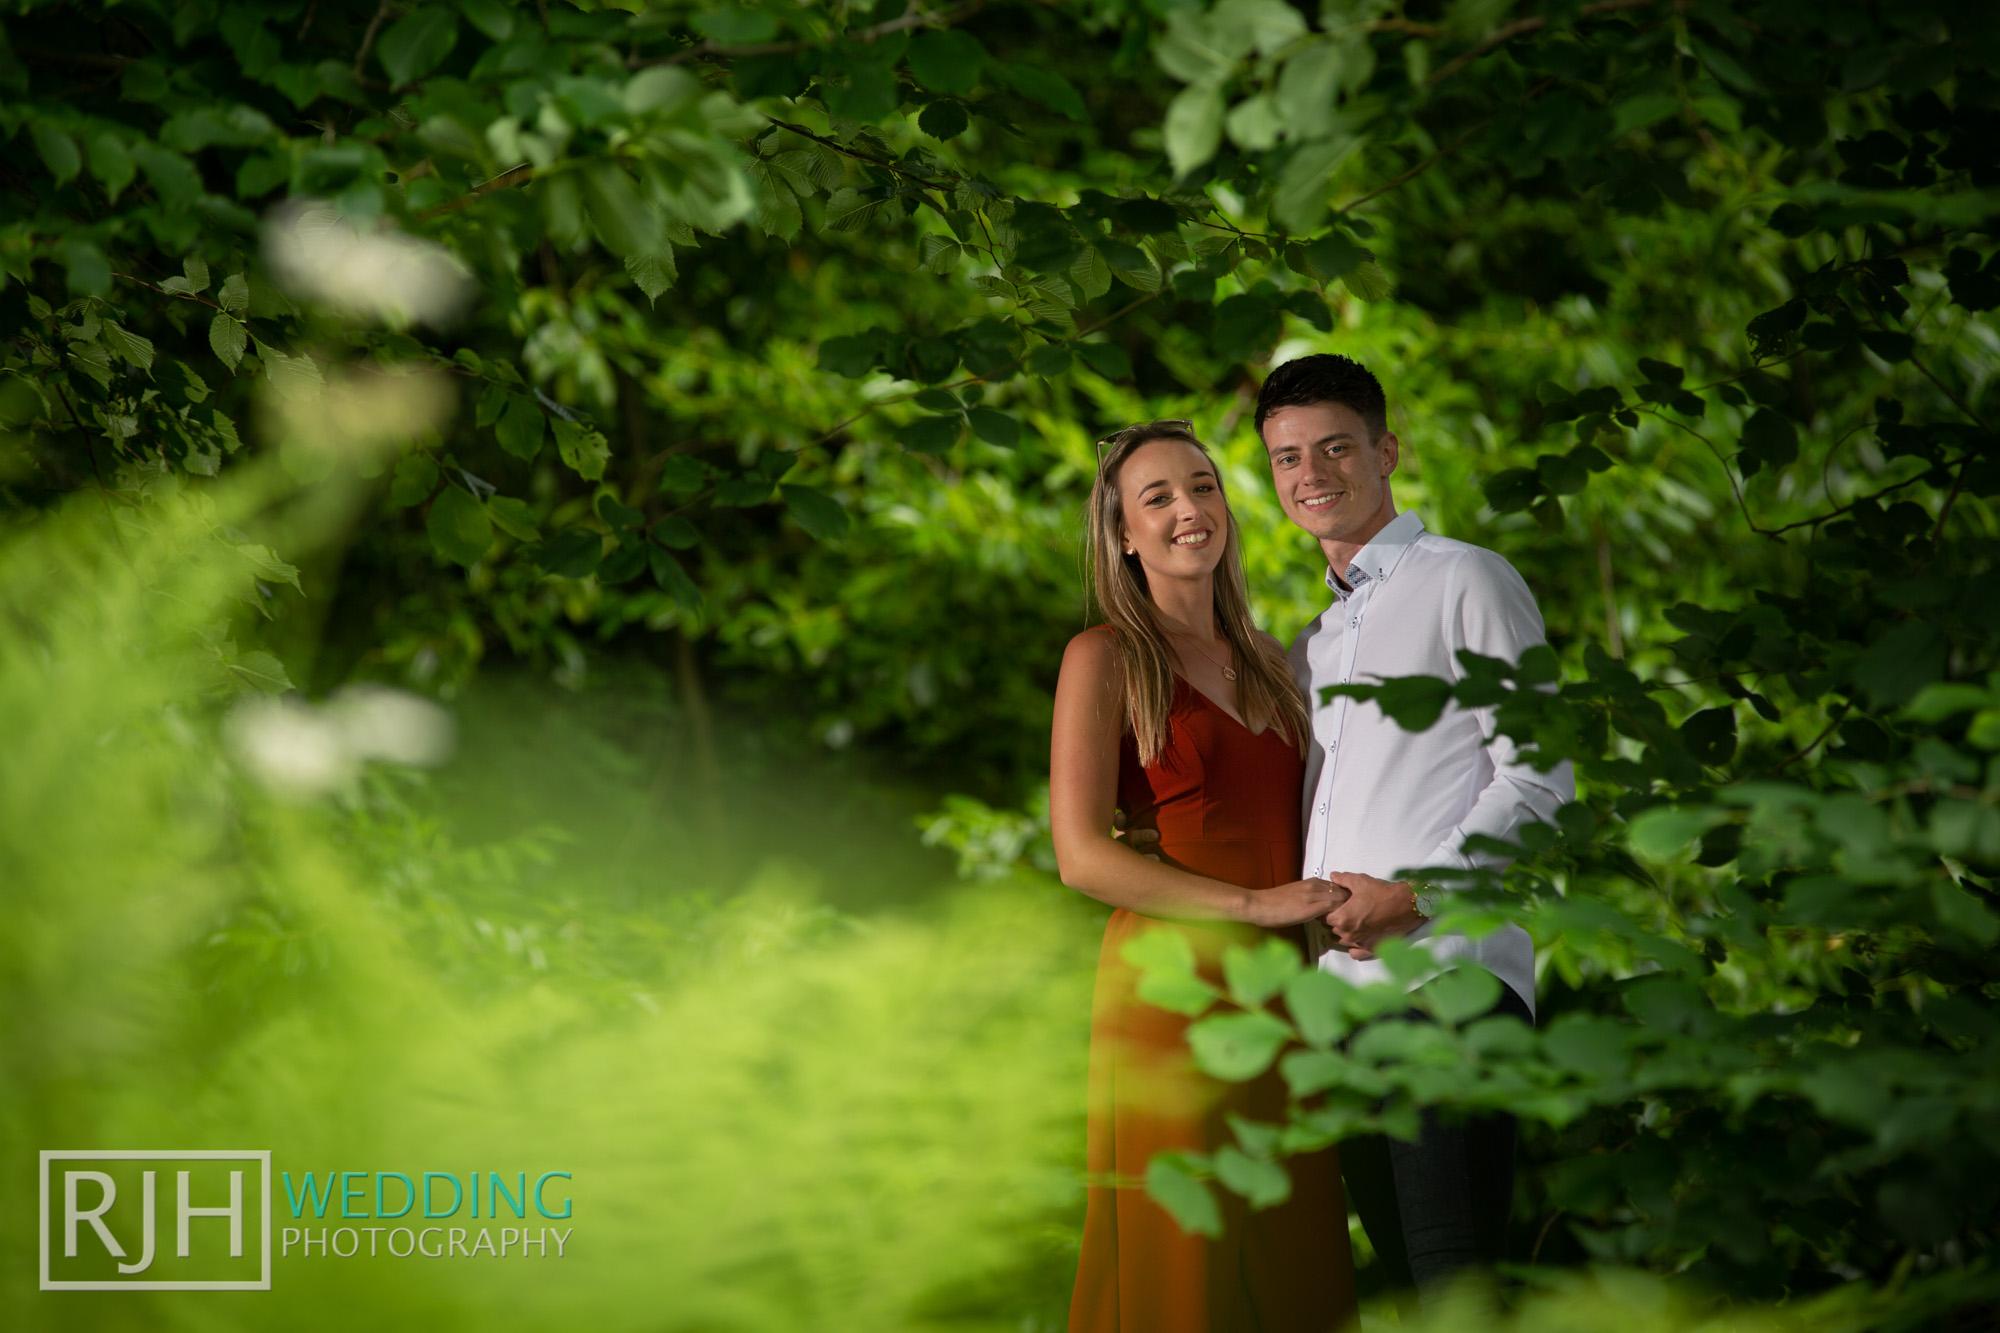 Chatsworth House Wedding Photographer_Glen & Lauren_021_RJH10213.jpg